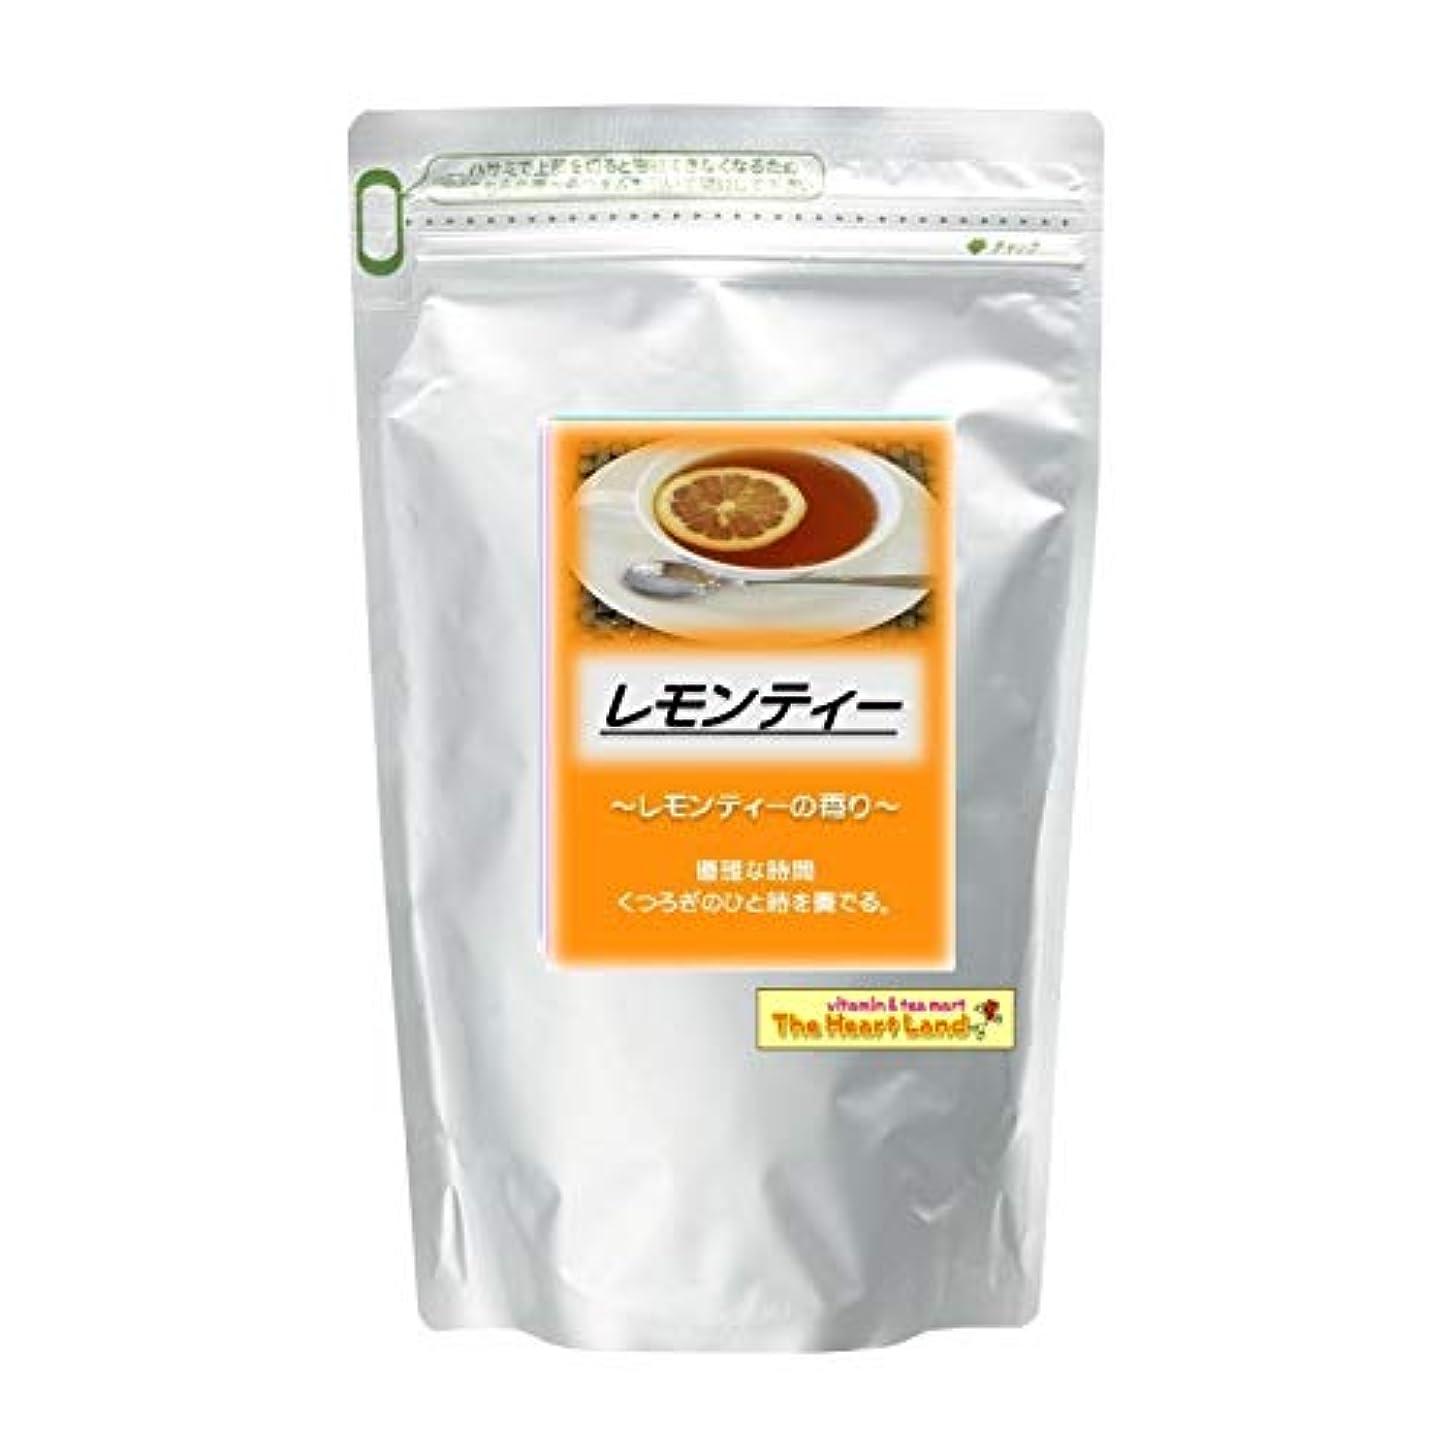 ハリケーン農夫不潔アサヒ入浴剤 浴用入浴化粧品 レモンティー 2.5kg